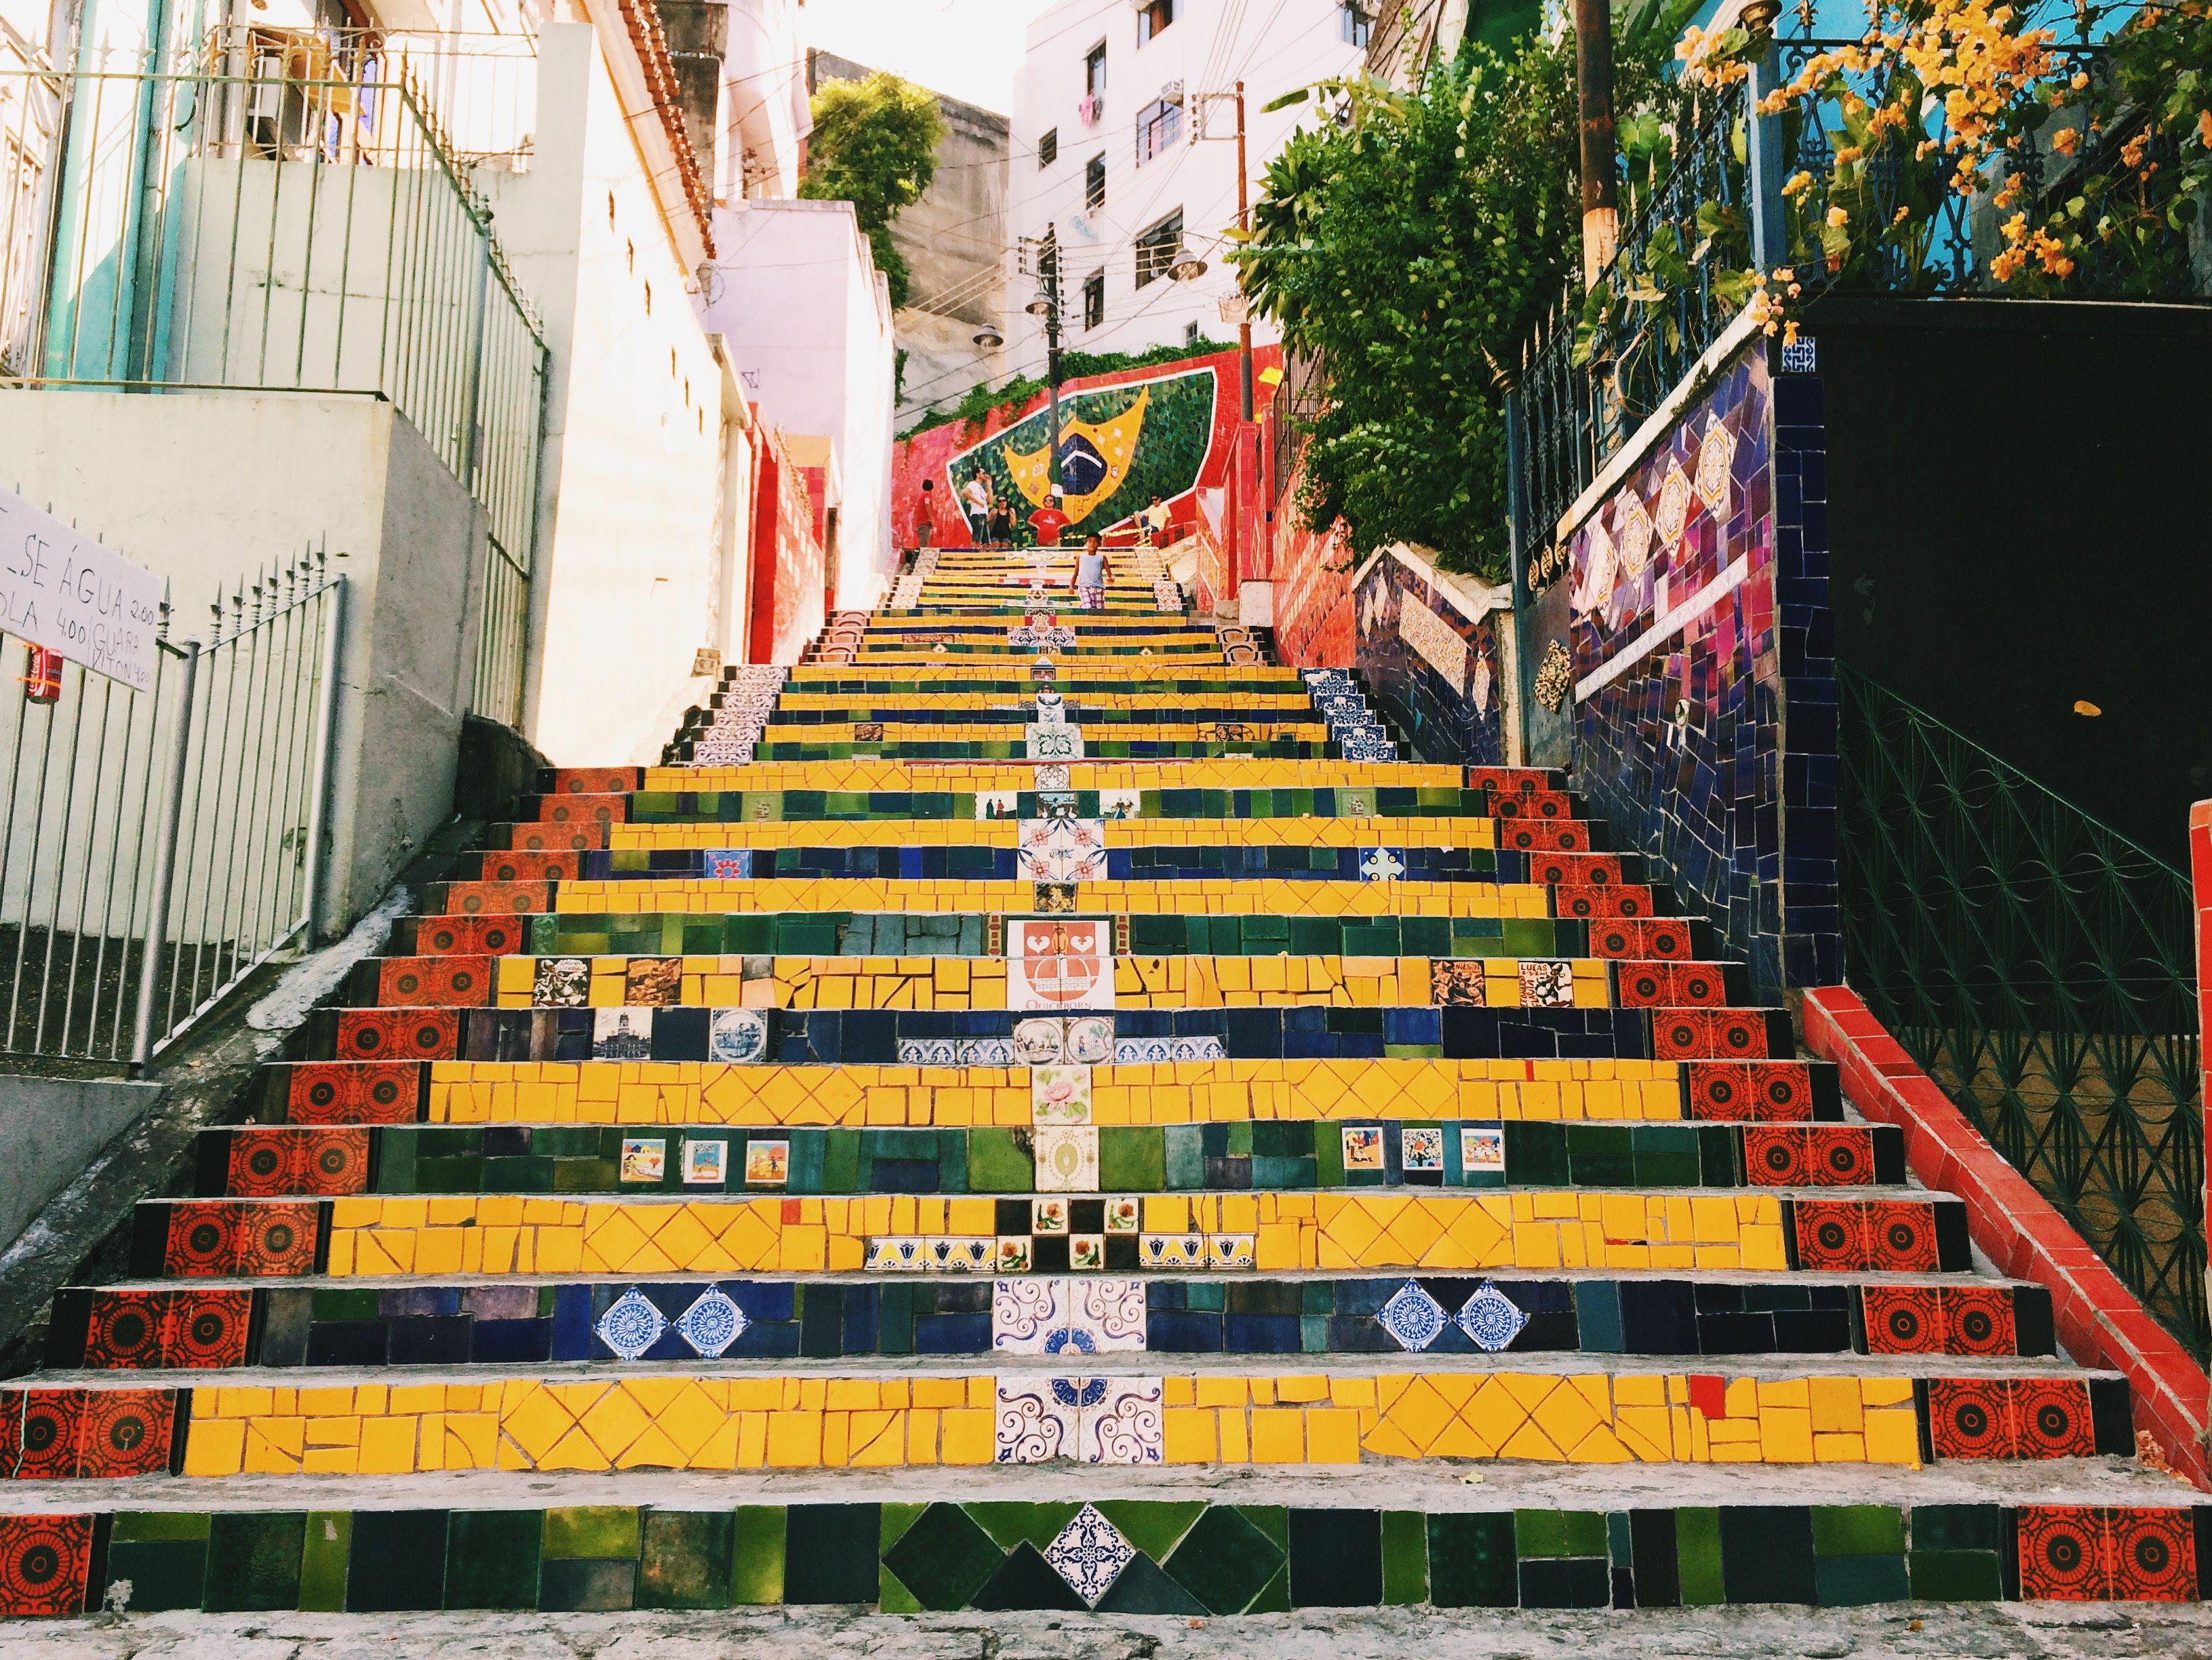 Escadaria Selaron (Selaron Steps) in Lapa district, Rio De Janeiro, Brazil